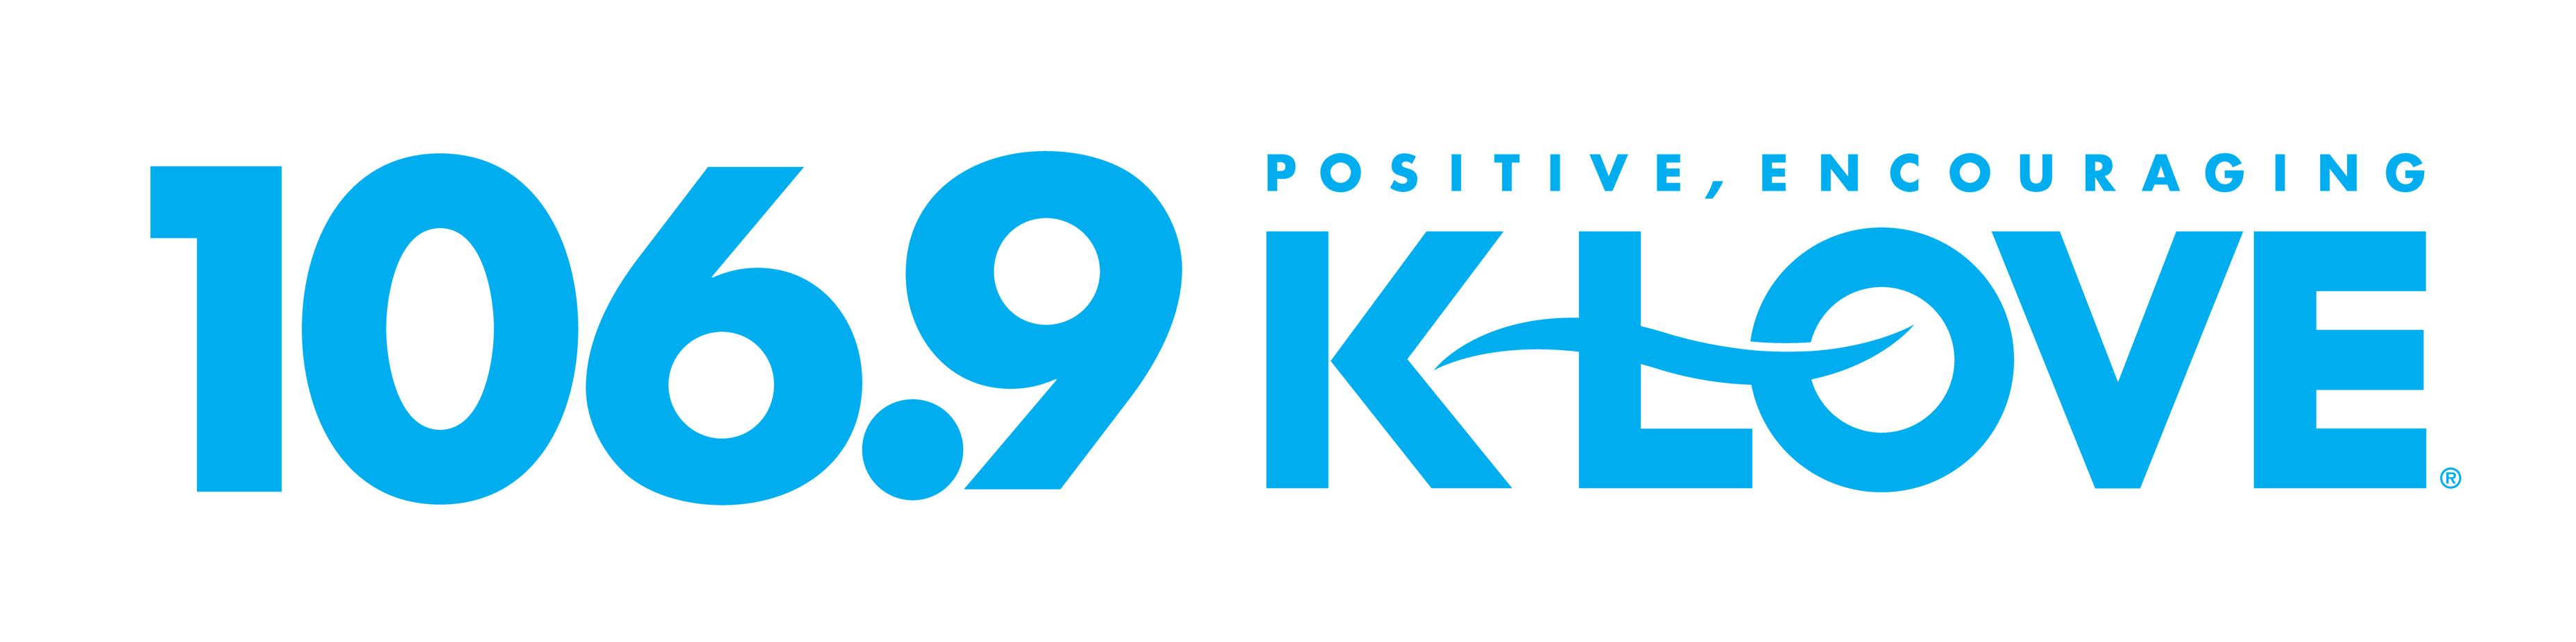 KLOVE 106.9